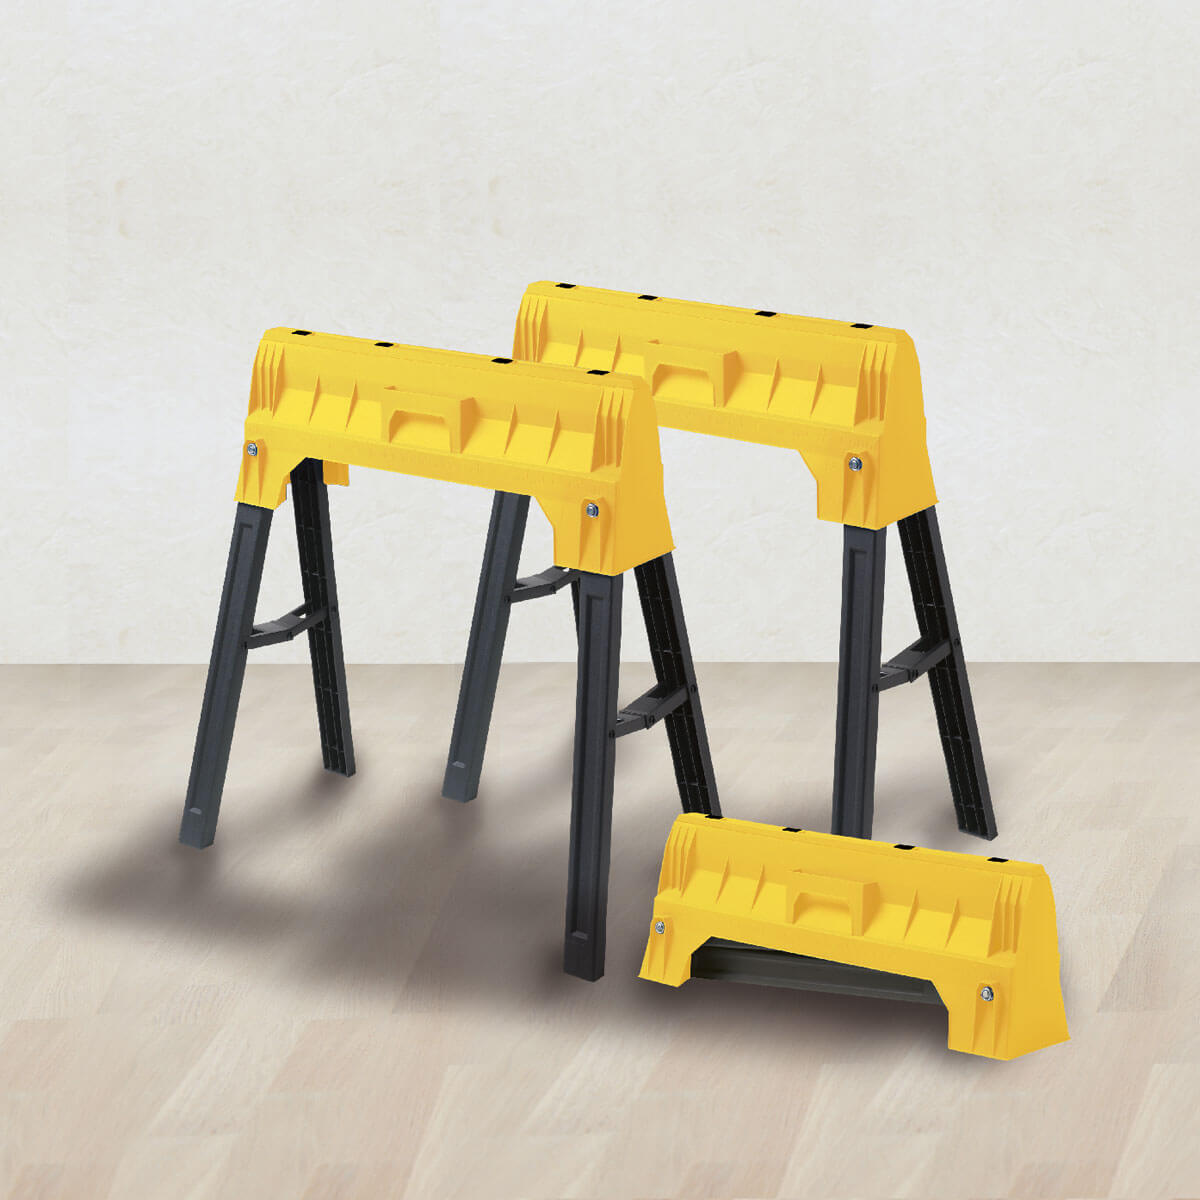 Tréteau plastique pliable jaune